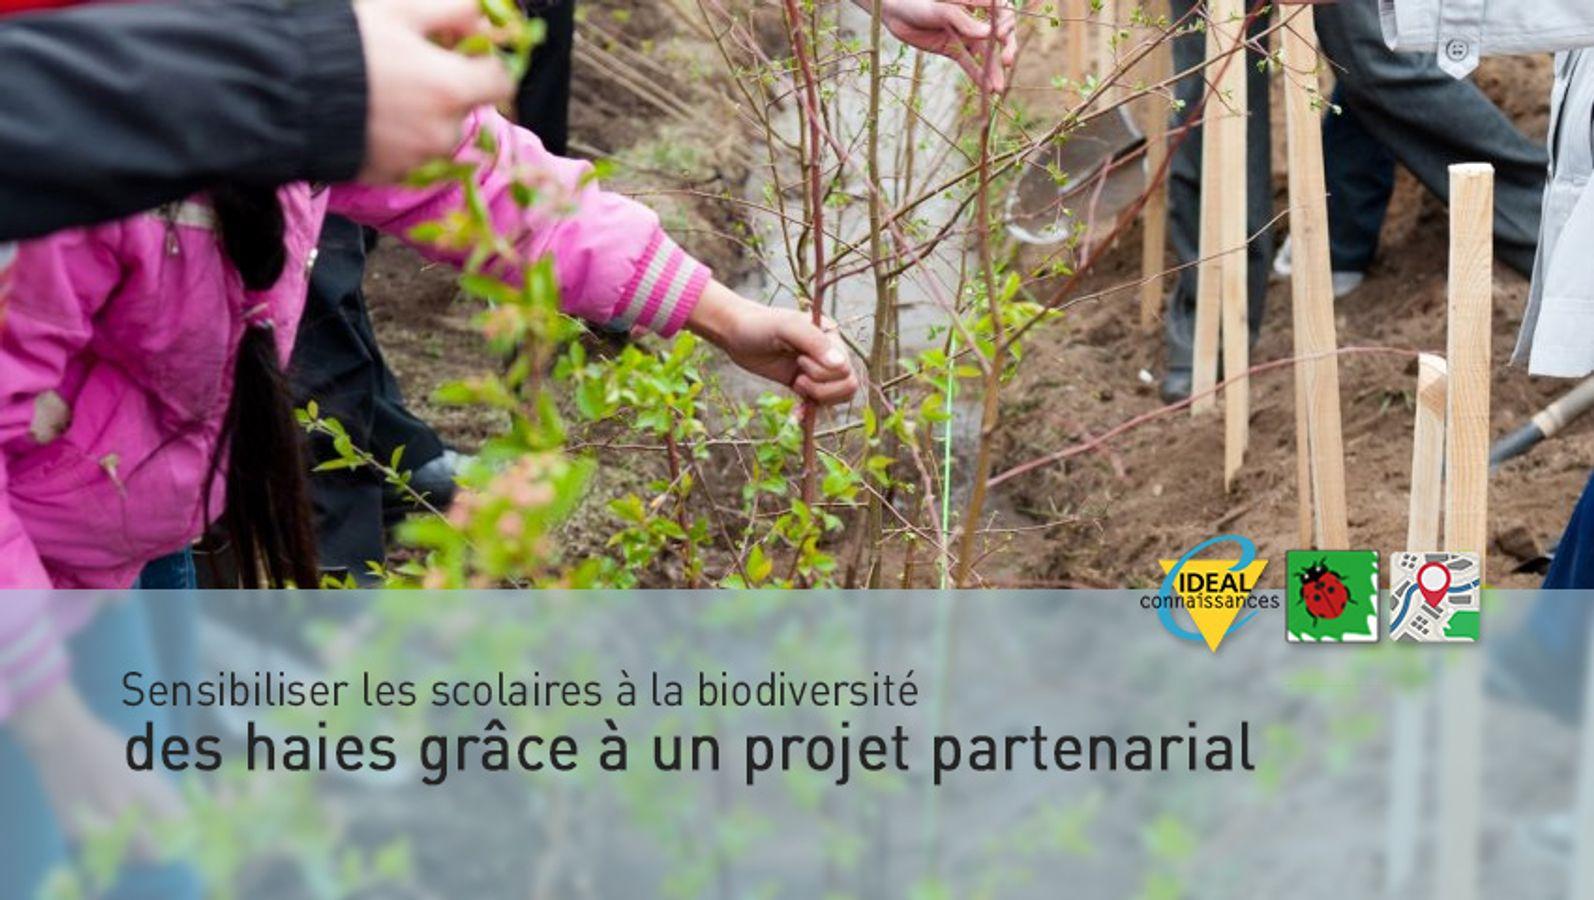 Sensibiliser les scolaires à la biodiversité des haies grâce à un projet partenarial